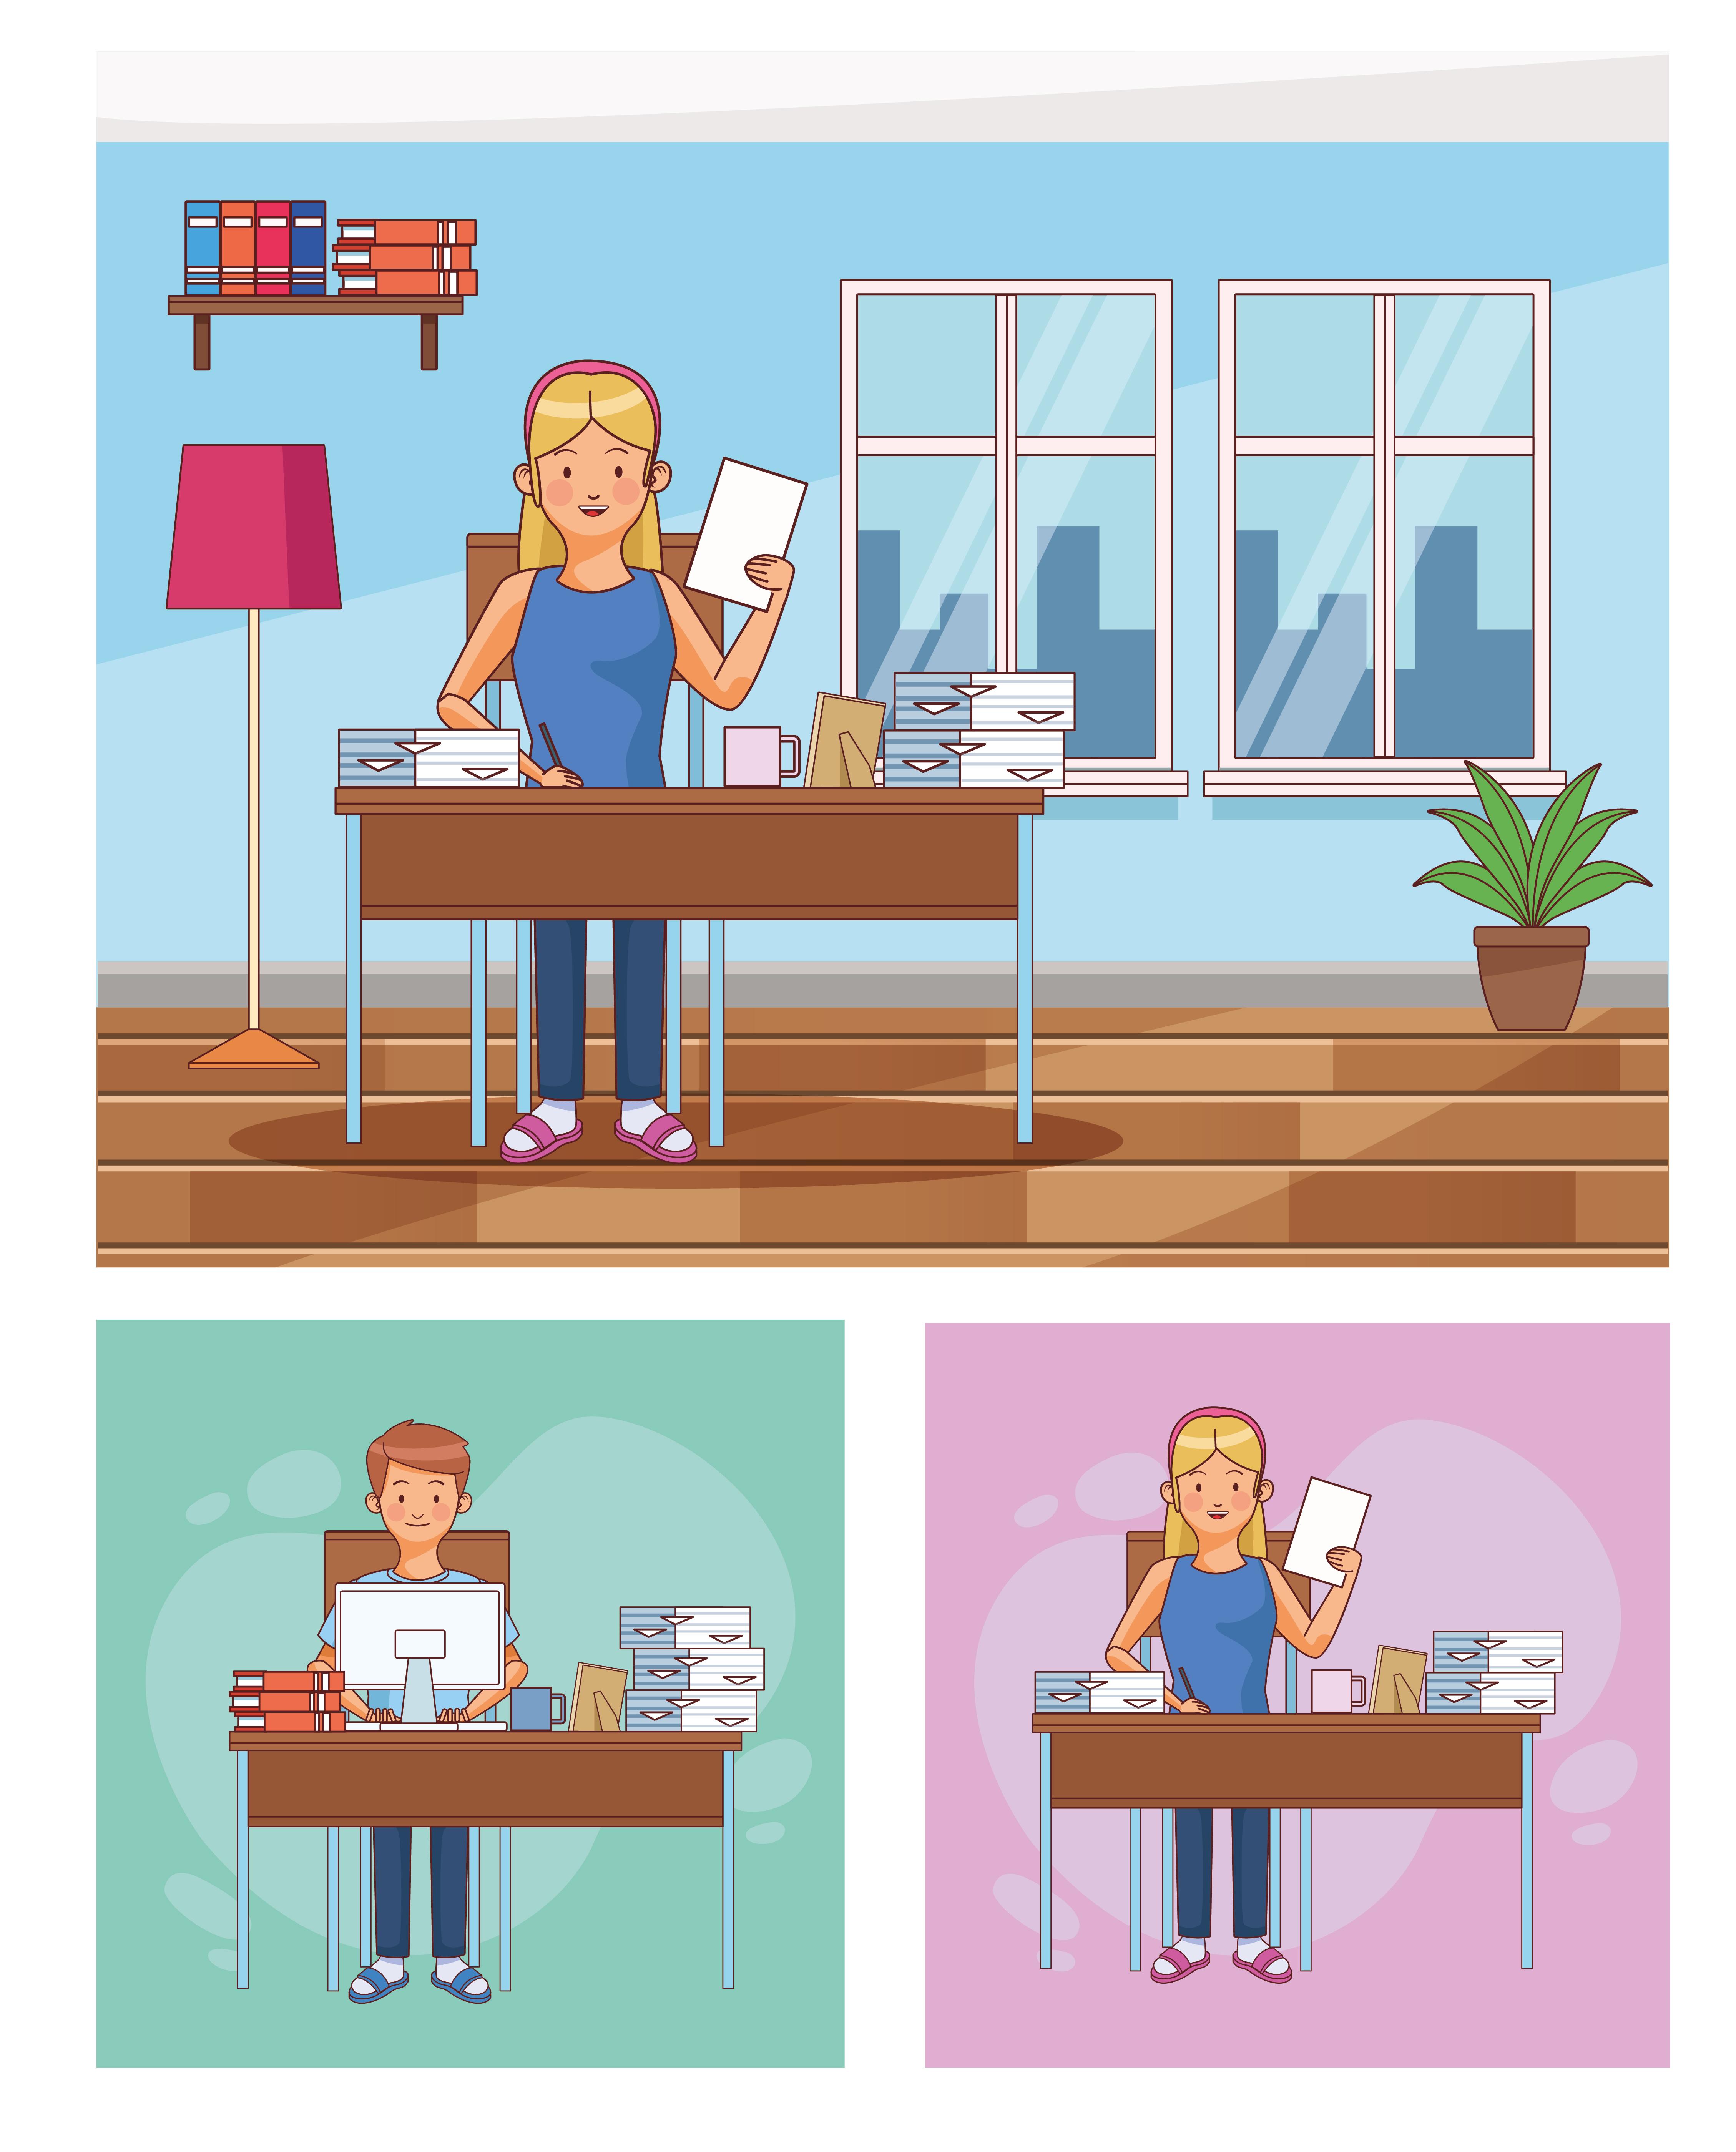 conjunto de escenas de trabajadores a domicilio.